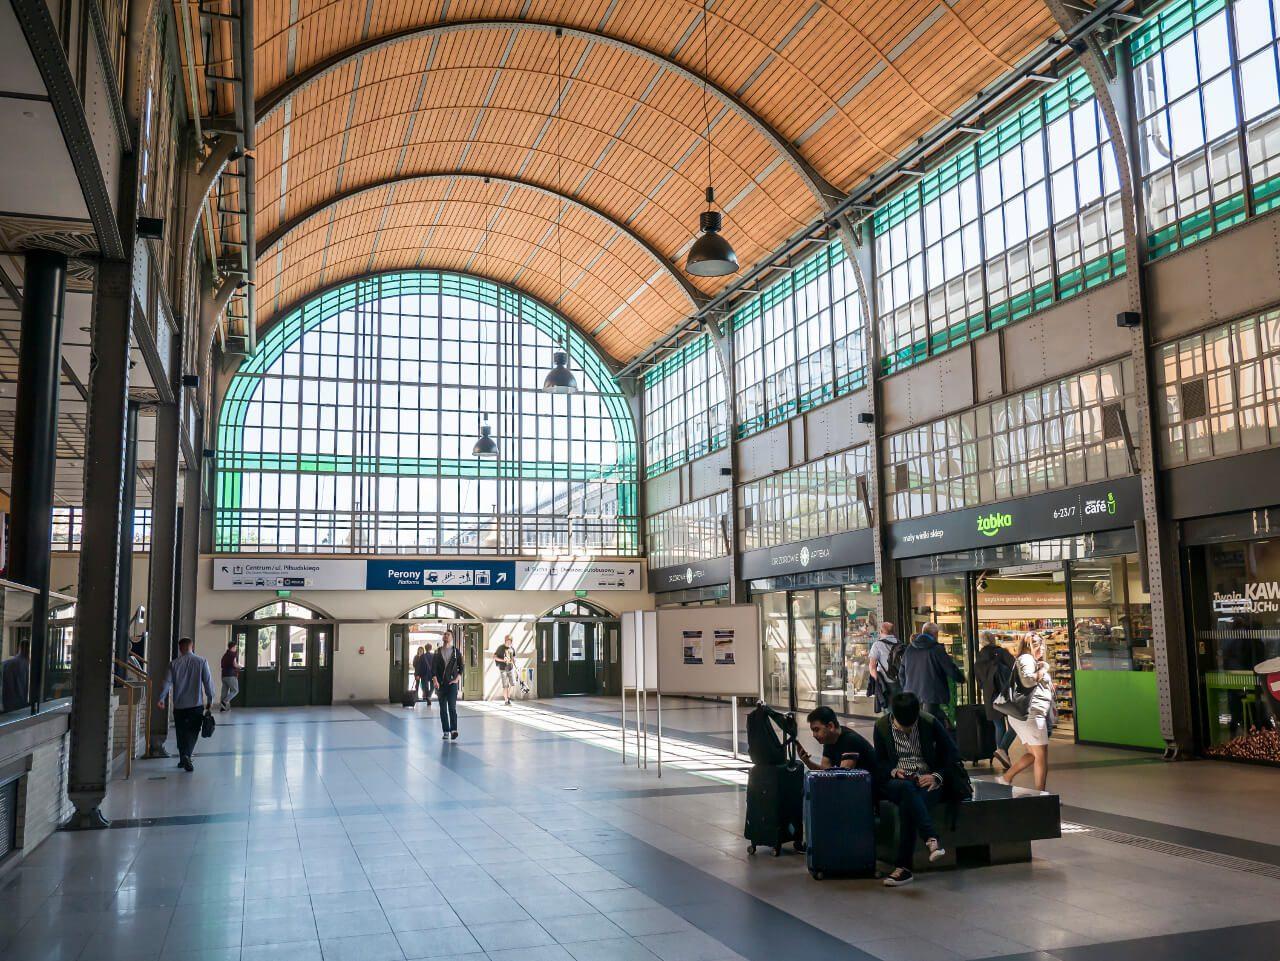 Wnętrze dworca kolejowego Wrocław Główny